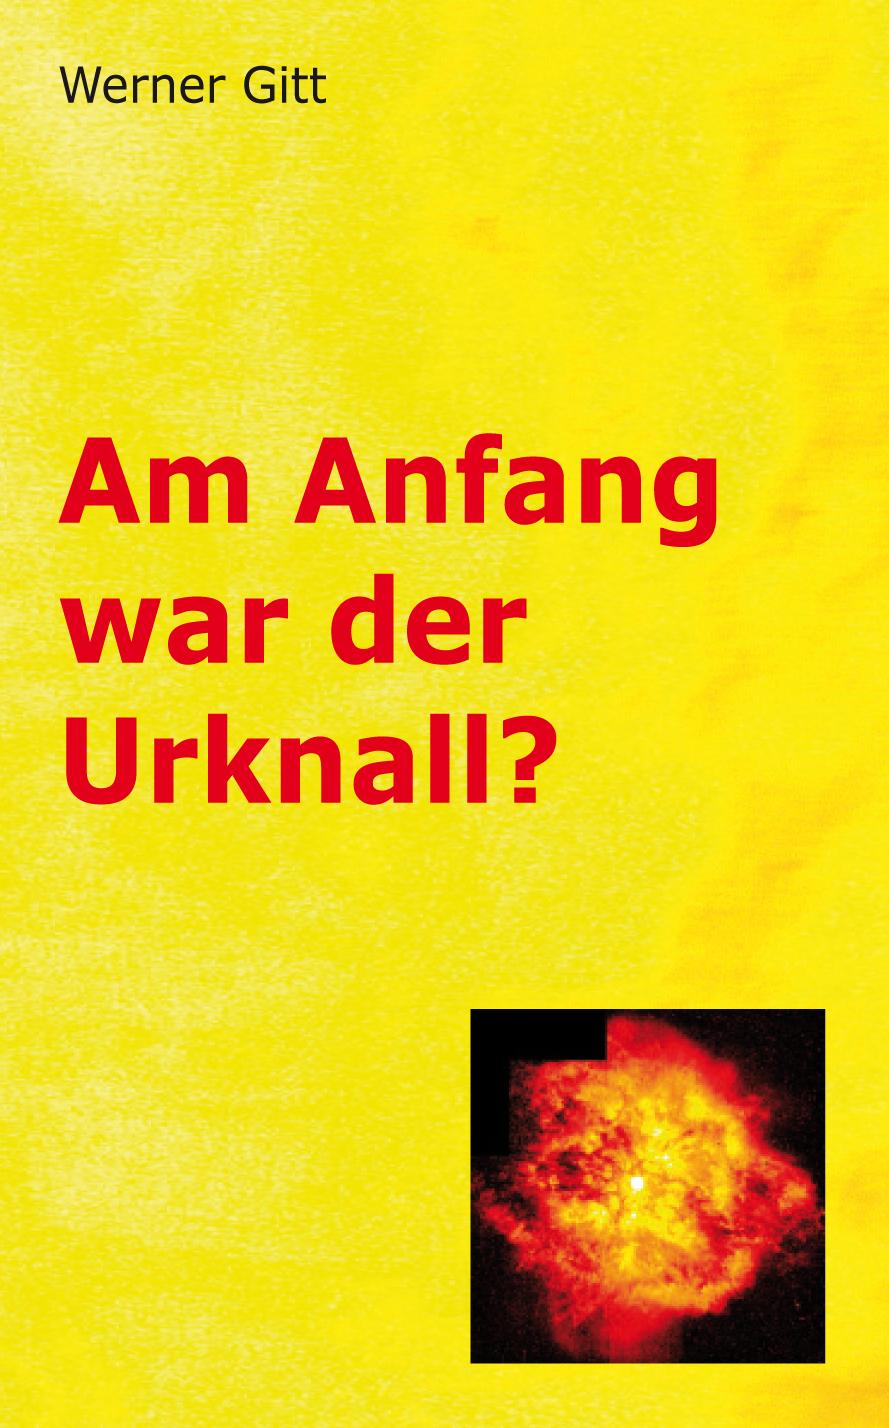 CLV_e-book-am-anfang-war-der-urknall_werner-gitt_256817_1